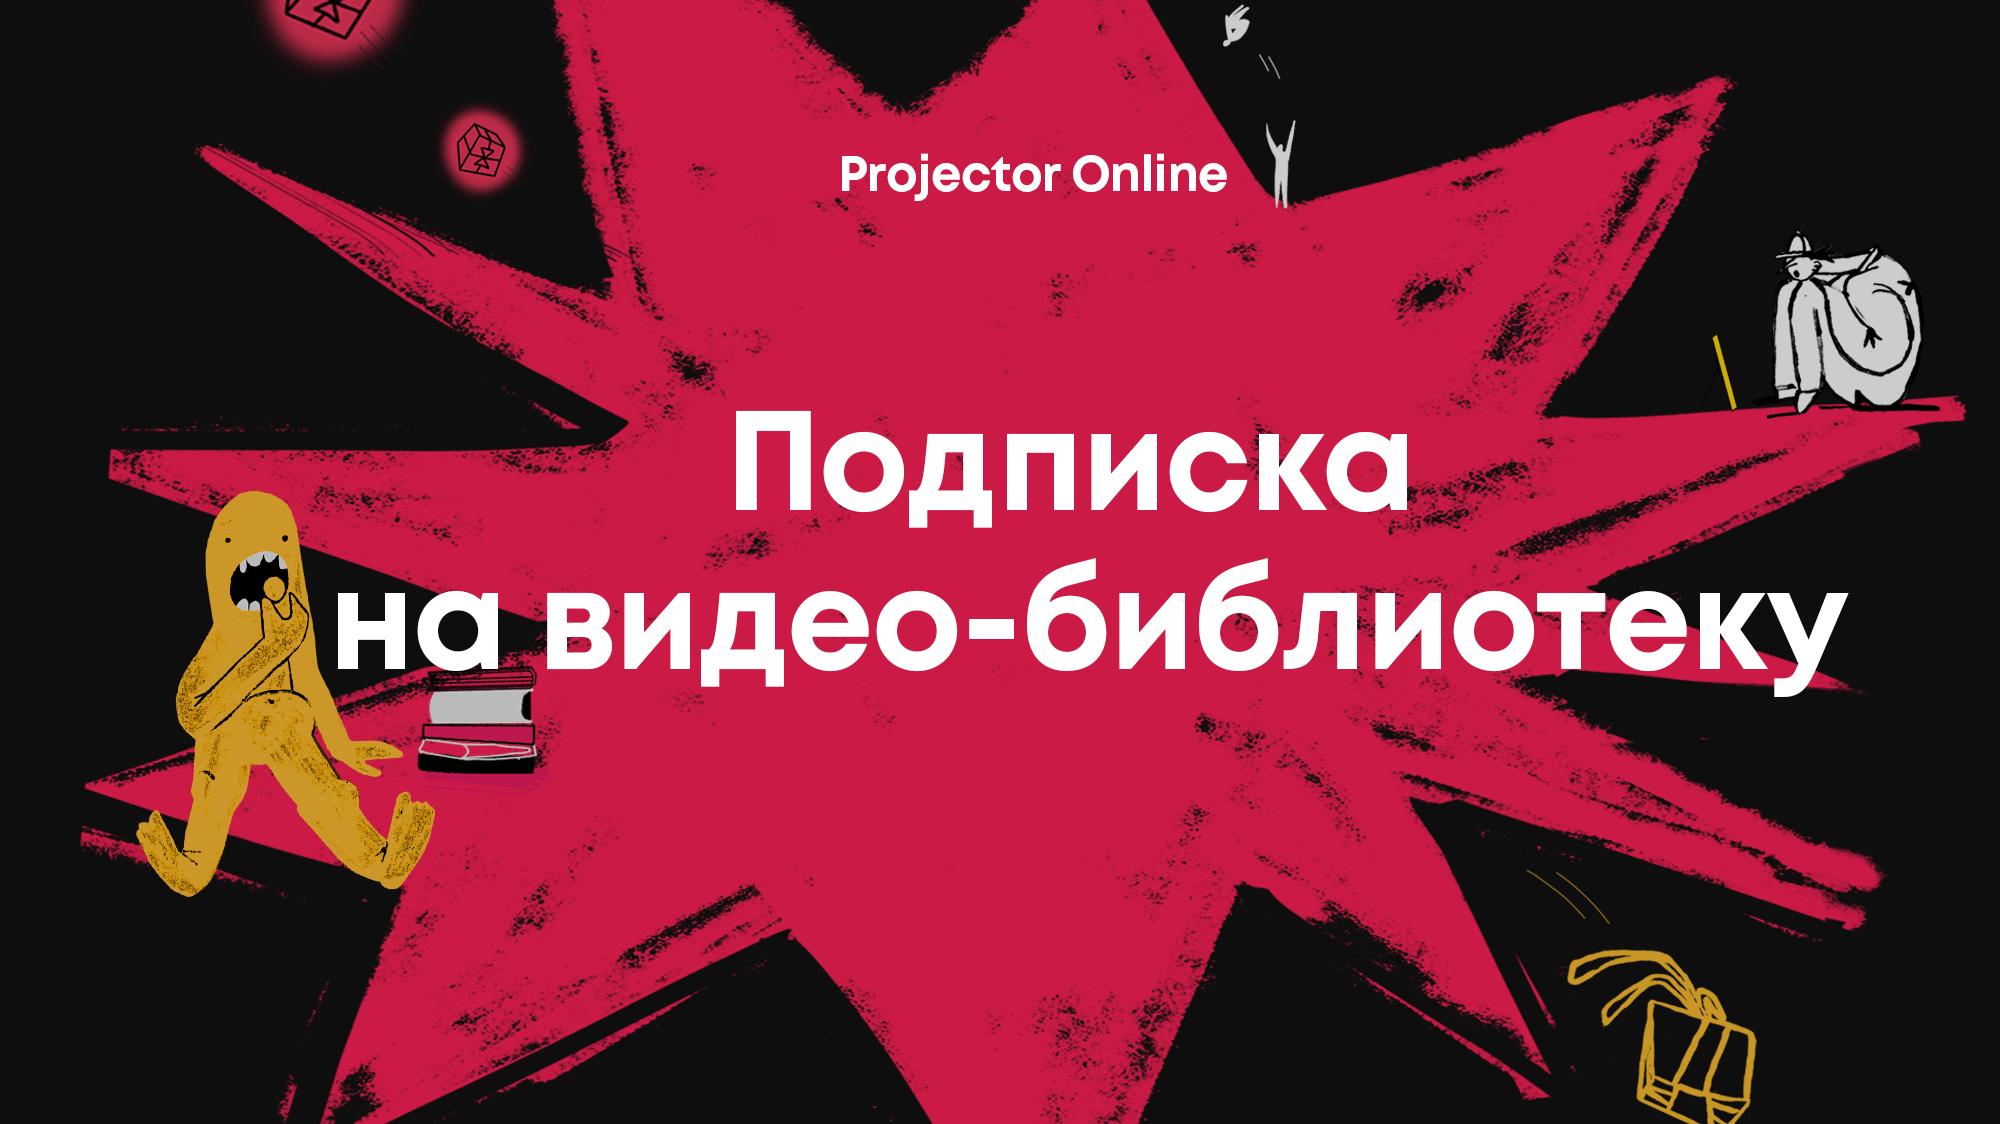 Подписка на видеобиблиотеку Projector online